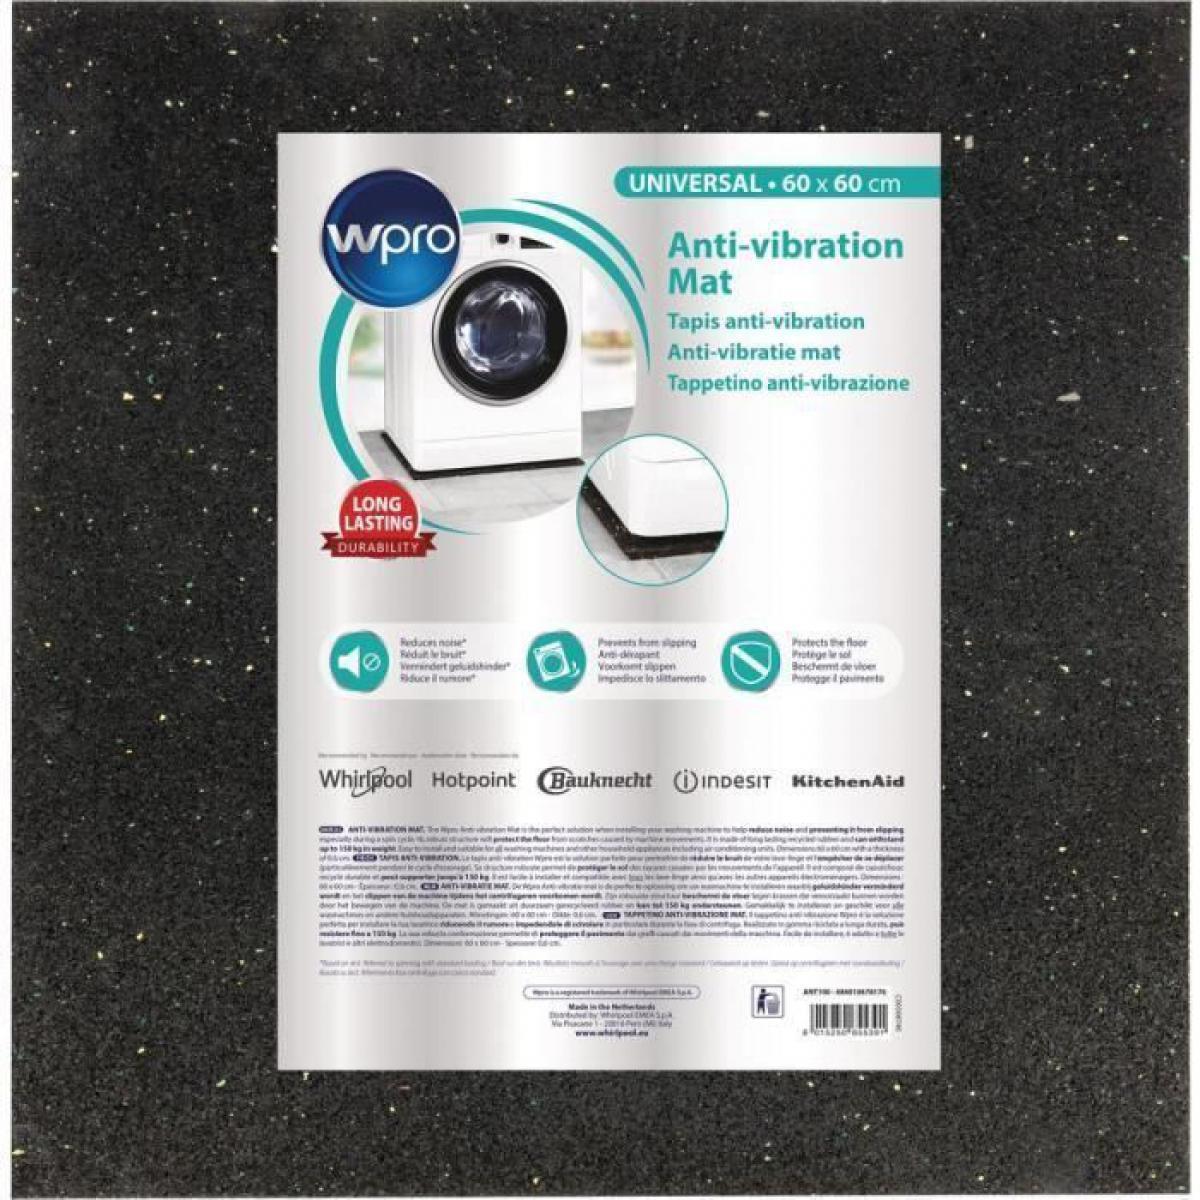 Wpro WPRO ANT100 - Tapis anti-vibration pour lave-linge - 60x60cm